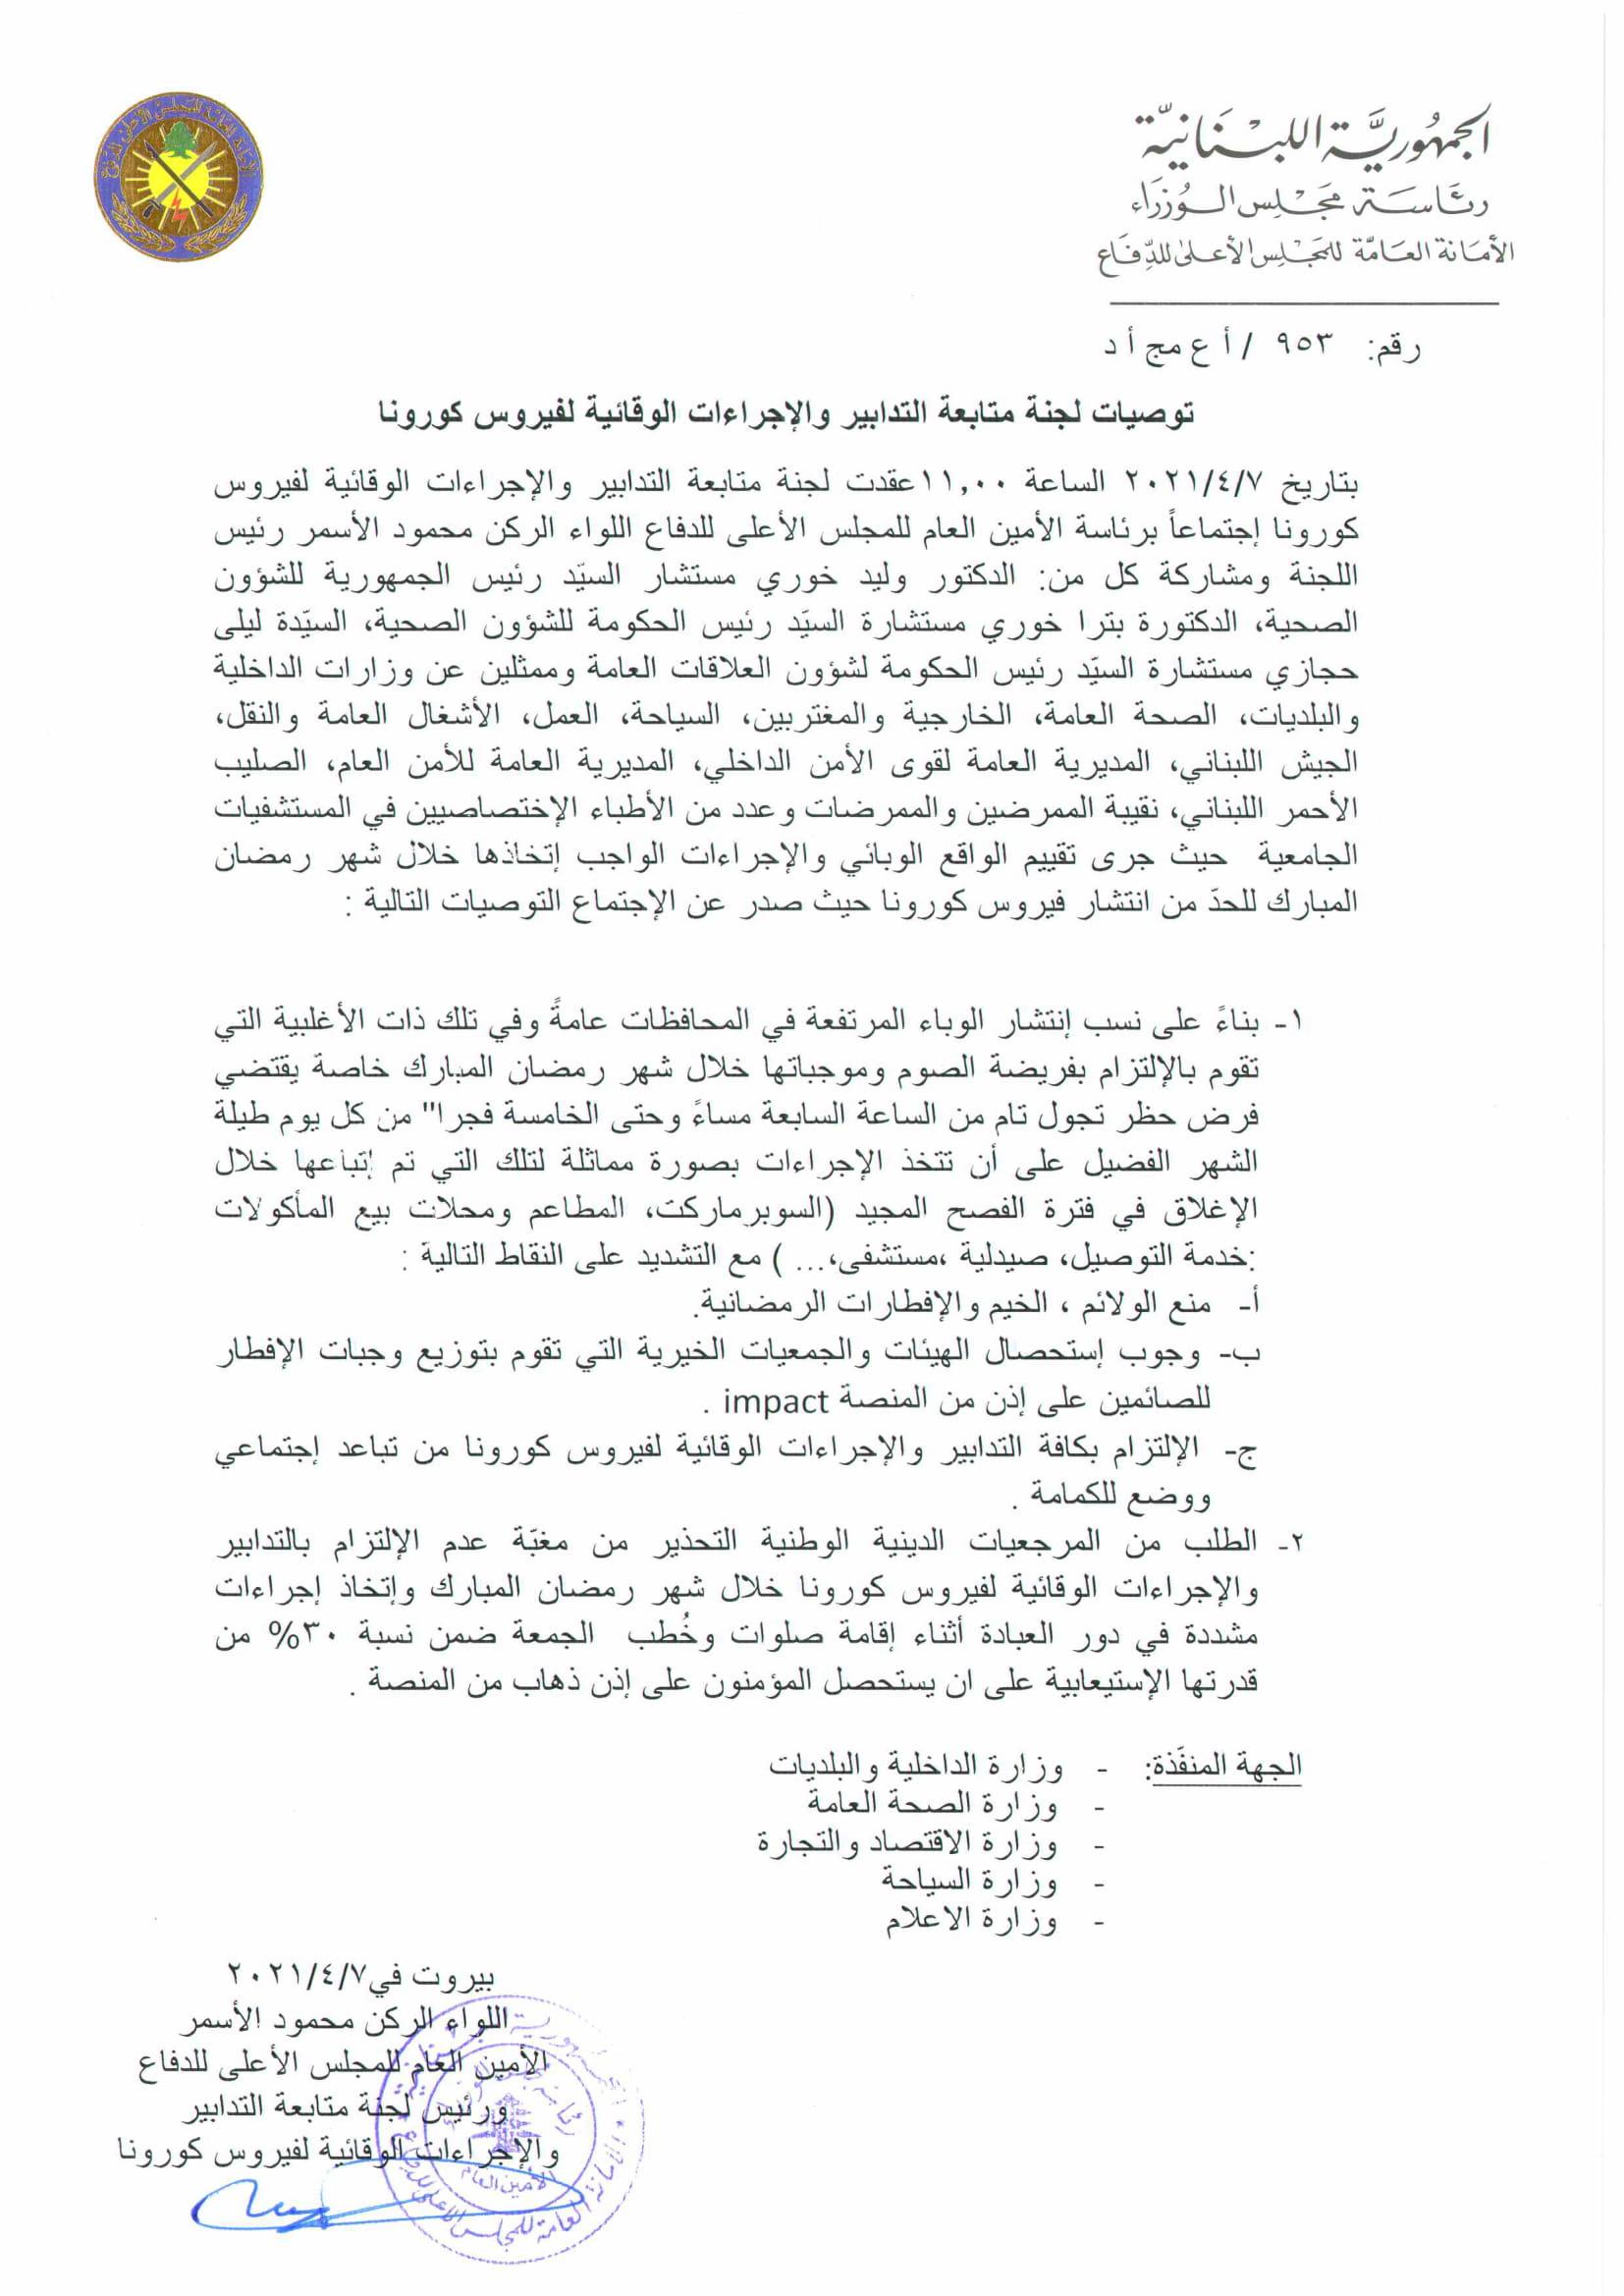 حظر تجول وتوصياتٌ أخرى للجنة كورونا خلال شهر رمضان